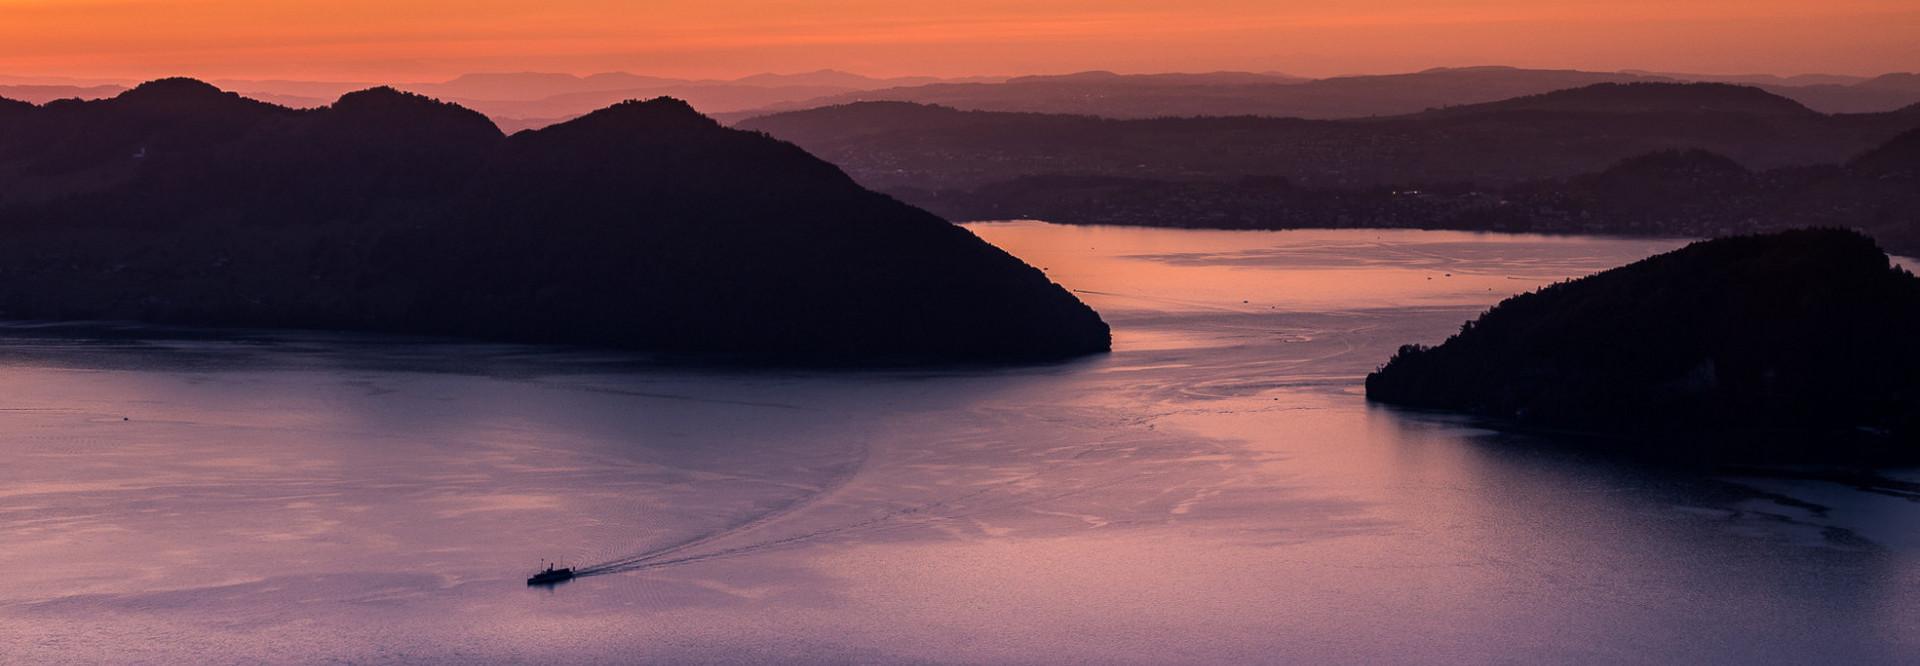 Sonnenuntergang Vierwaldstättersee